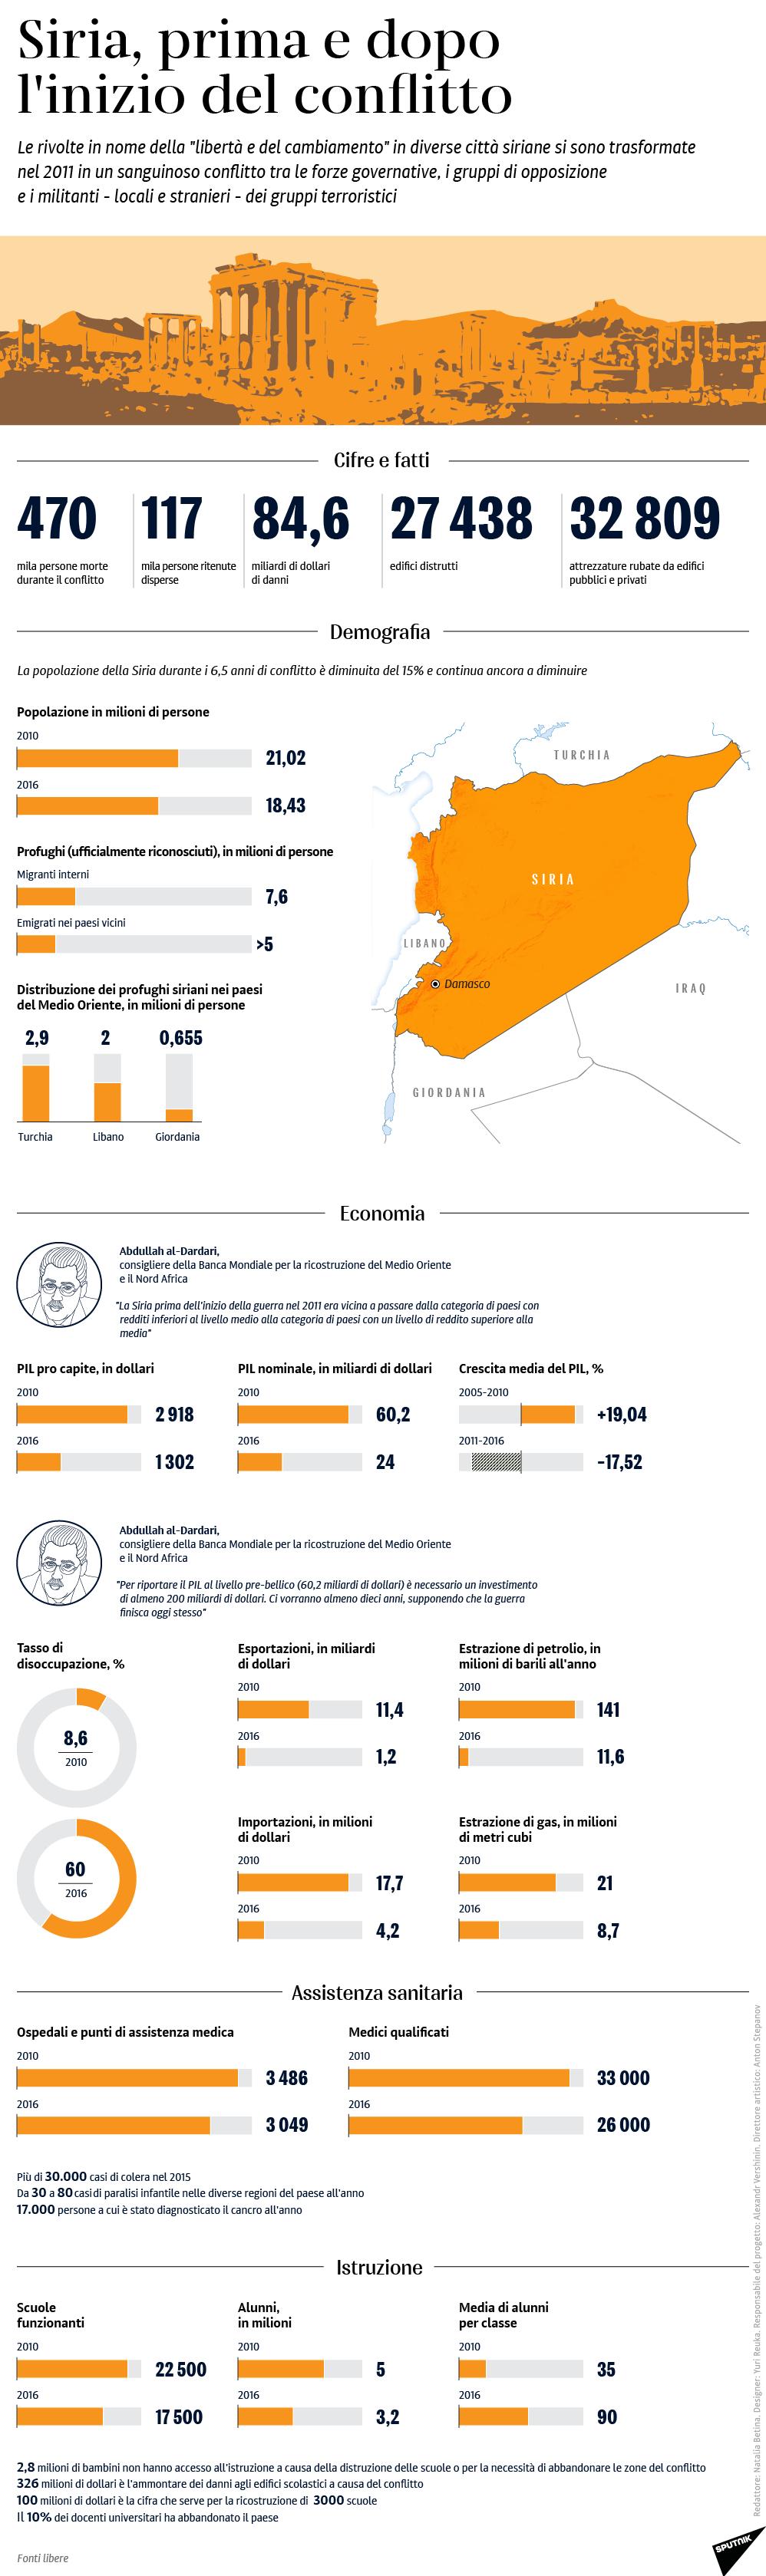 Siria, prima e dopo l'inizio del conflitto